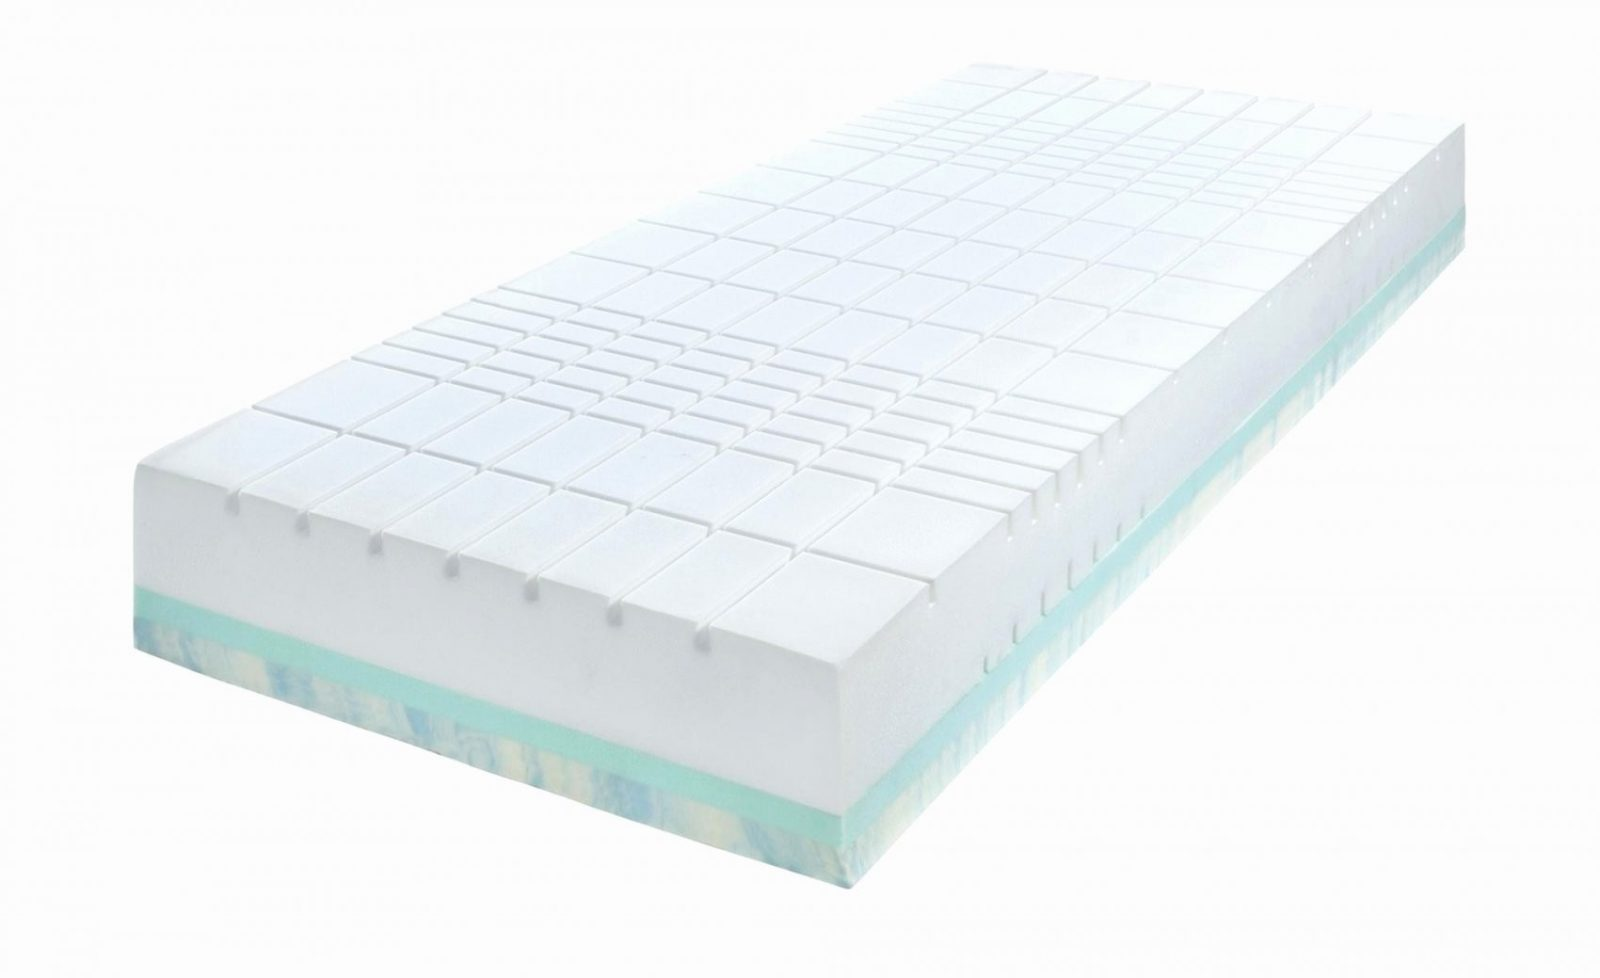 Matratzen Topper Test Auf Bezaubernd Concord Matratzentopper Gel von Matratzen Topper Concord Bild